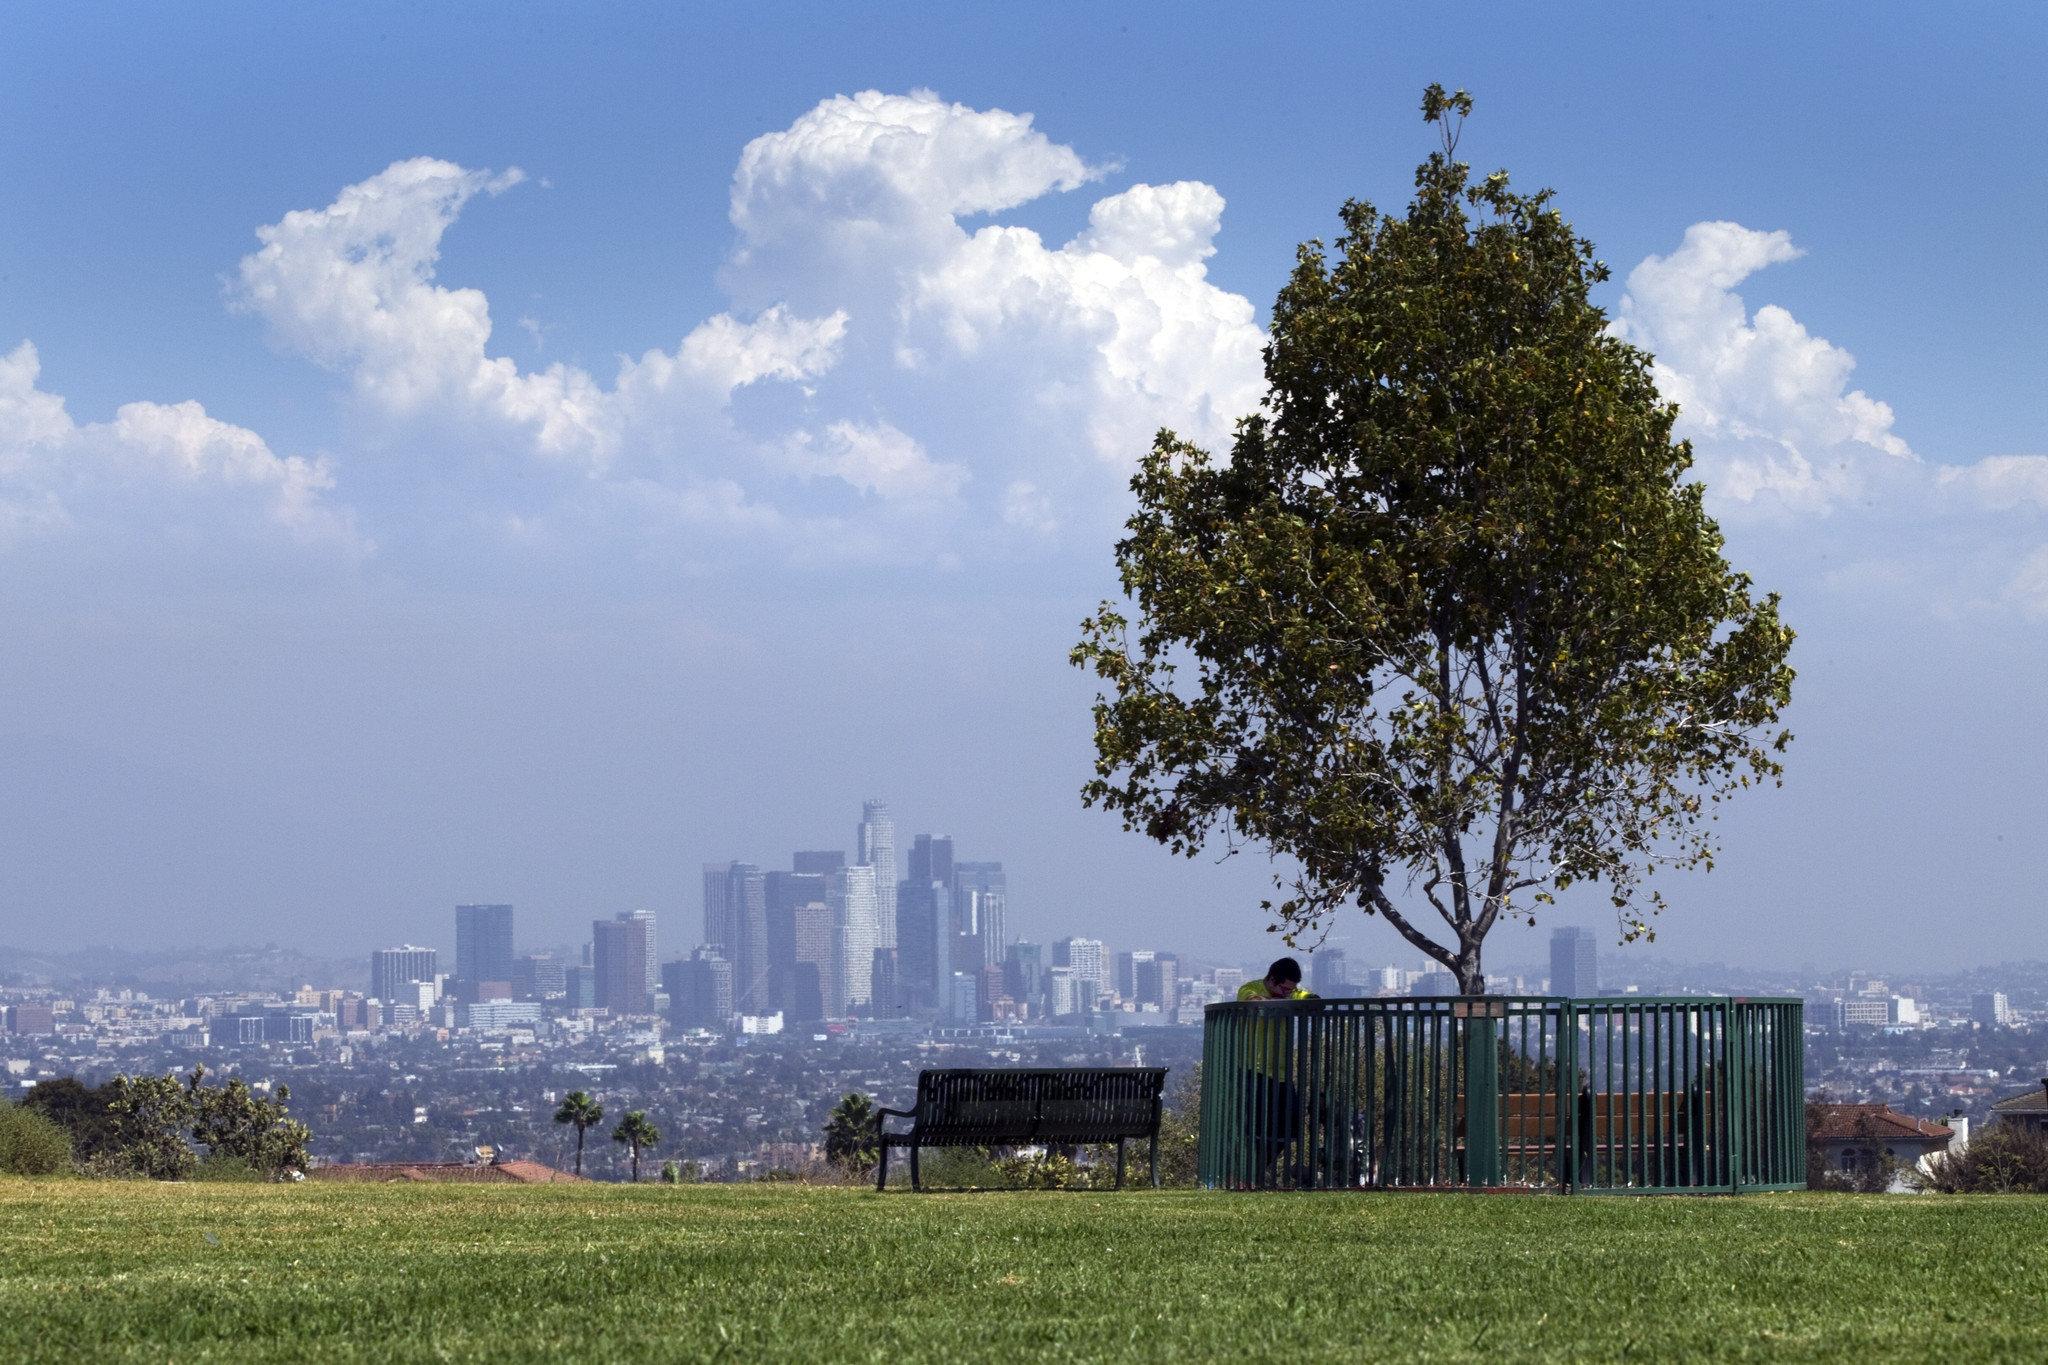 Power grid groans, blackouts roll through L.A. area as heat wave nears peak